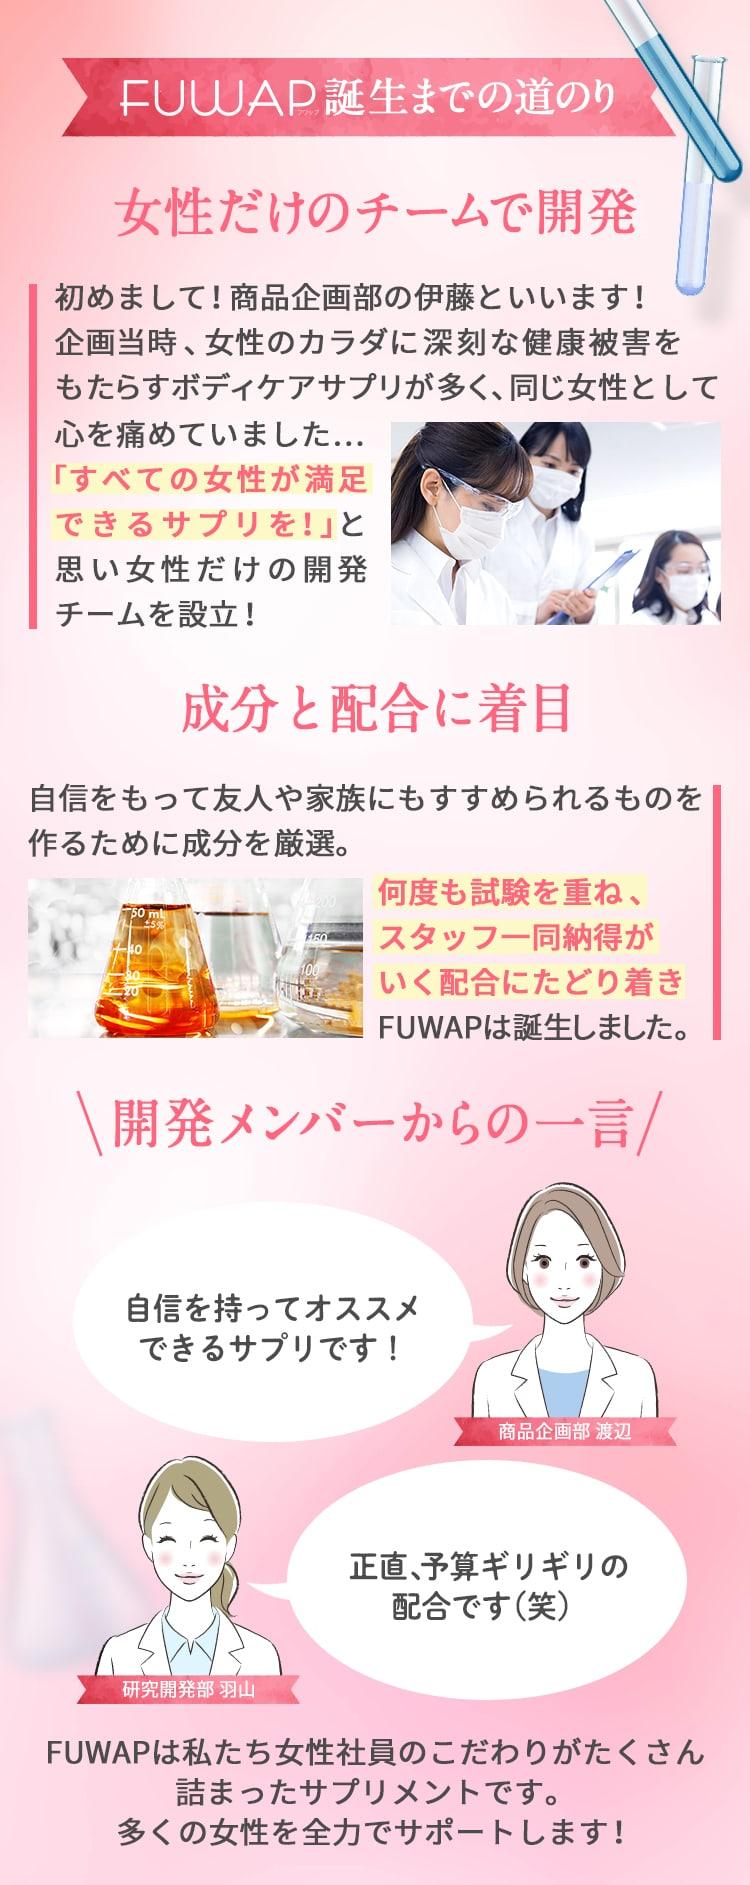 〈FUWAP〉誕生までの道のり「女性だけのチーム」「成分と配合」「開発メンバーのこだわり」